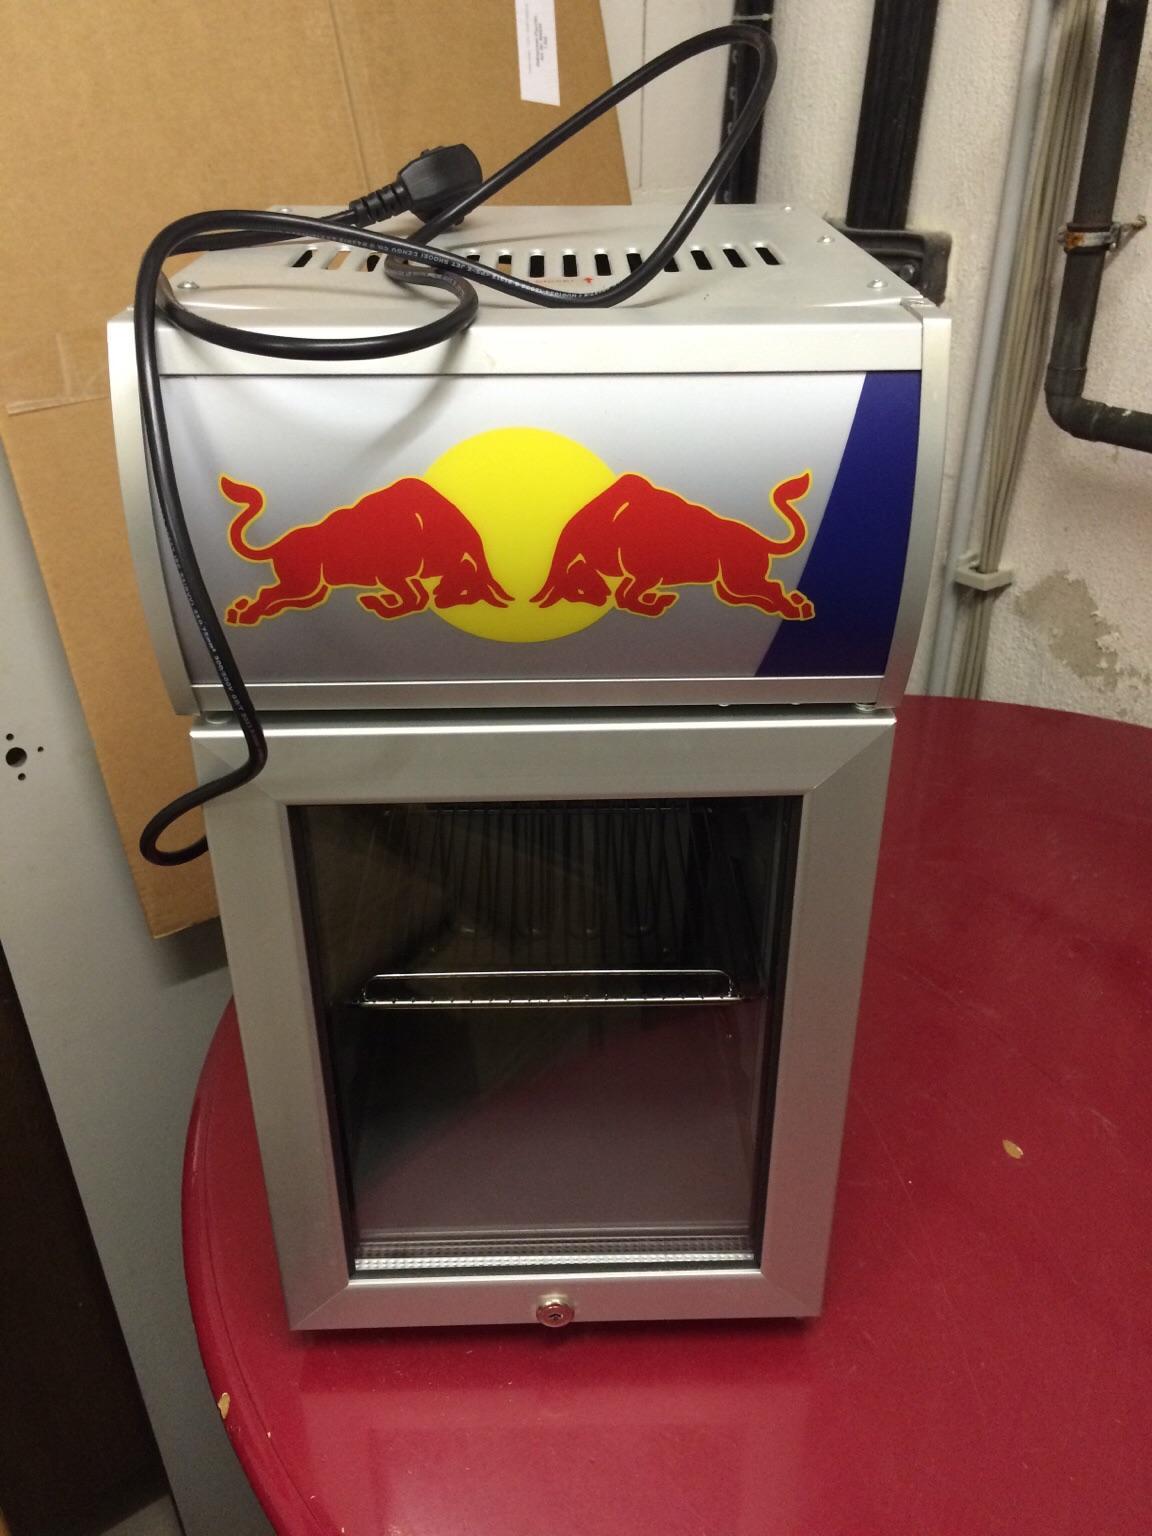 Red Bull Kühlschrank Kühlt Nicht Mehr : Gebraucht red bull mini kühlschrank baby cooler gastro in